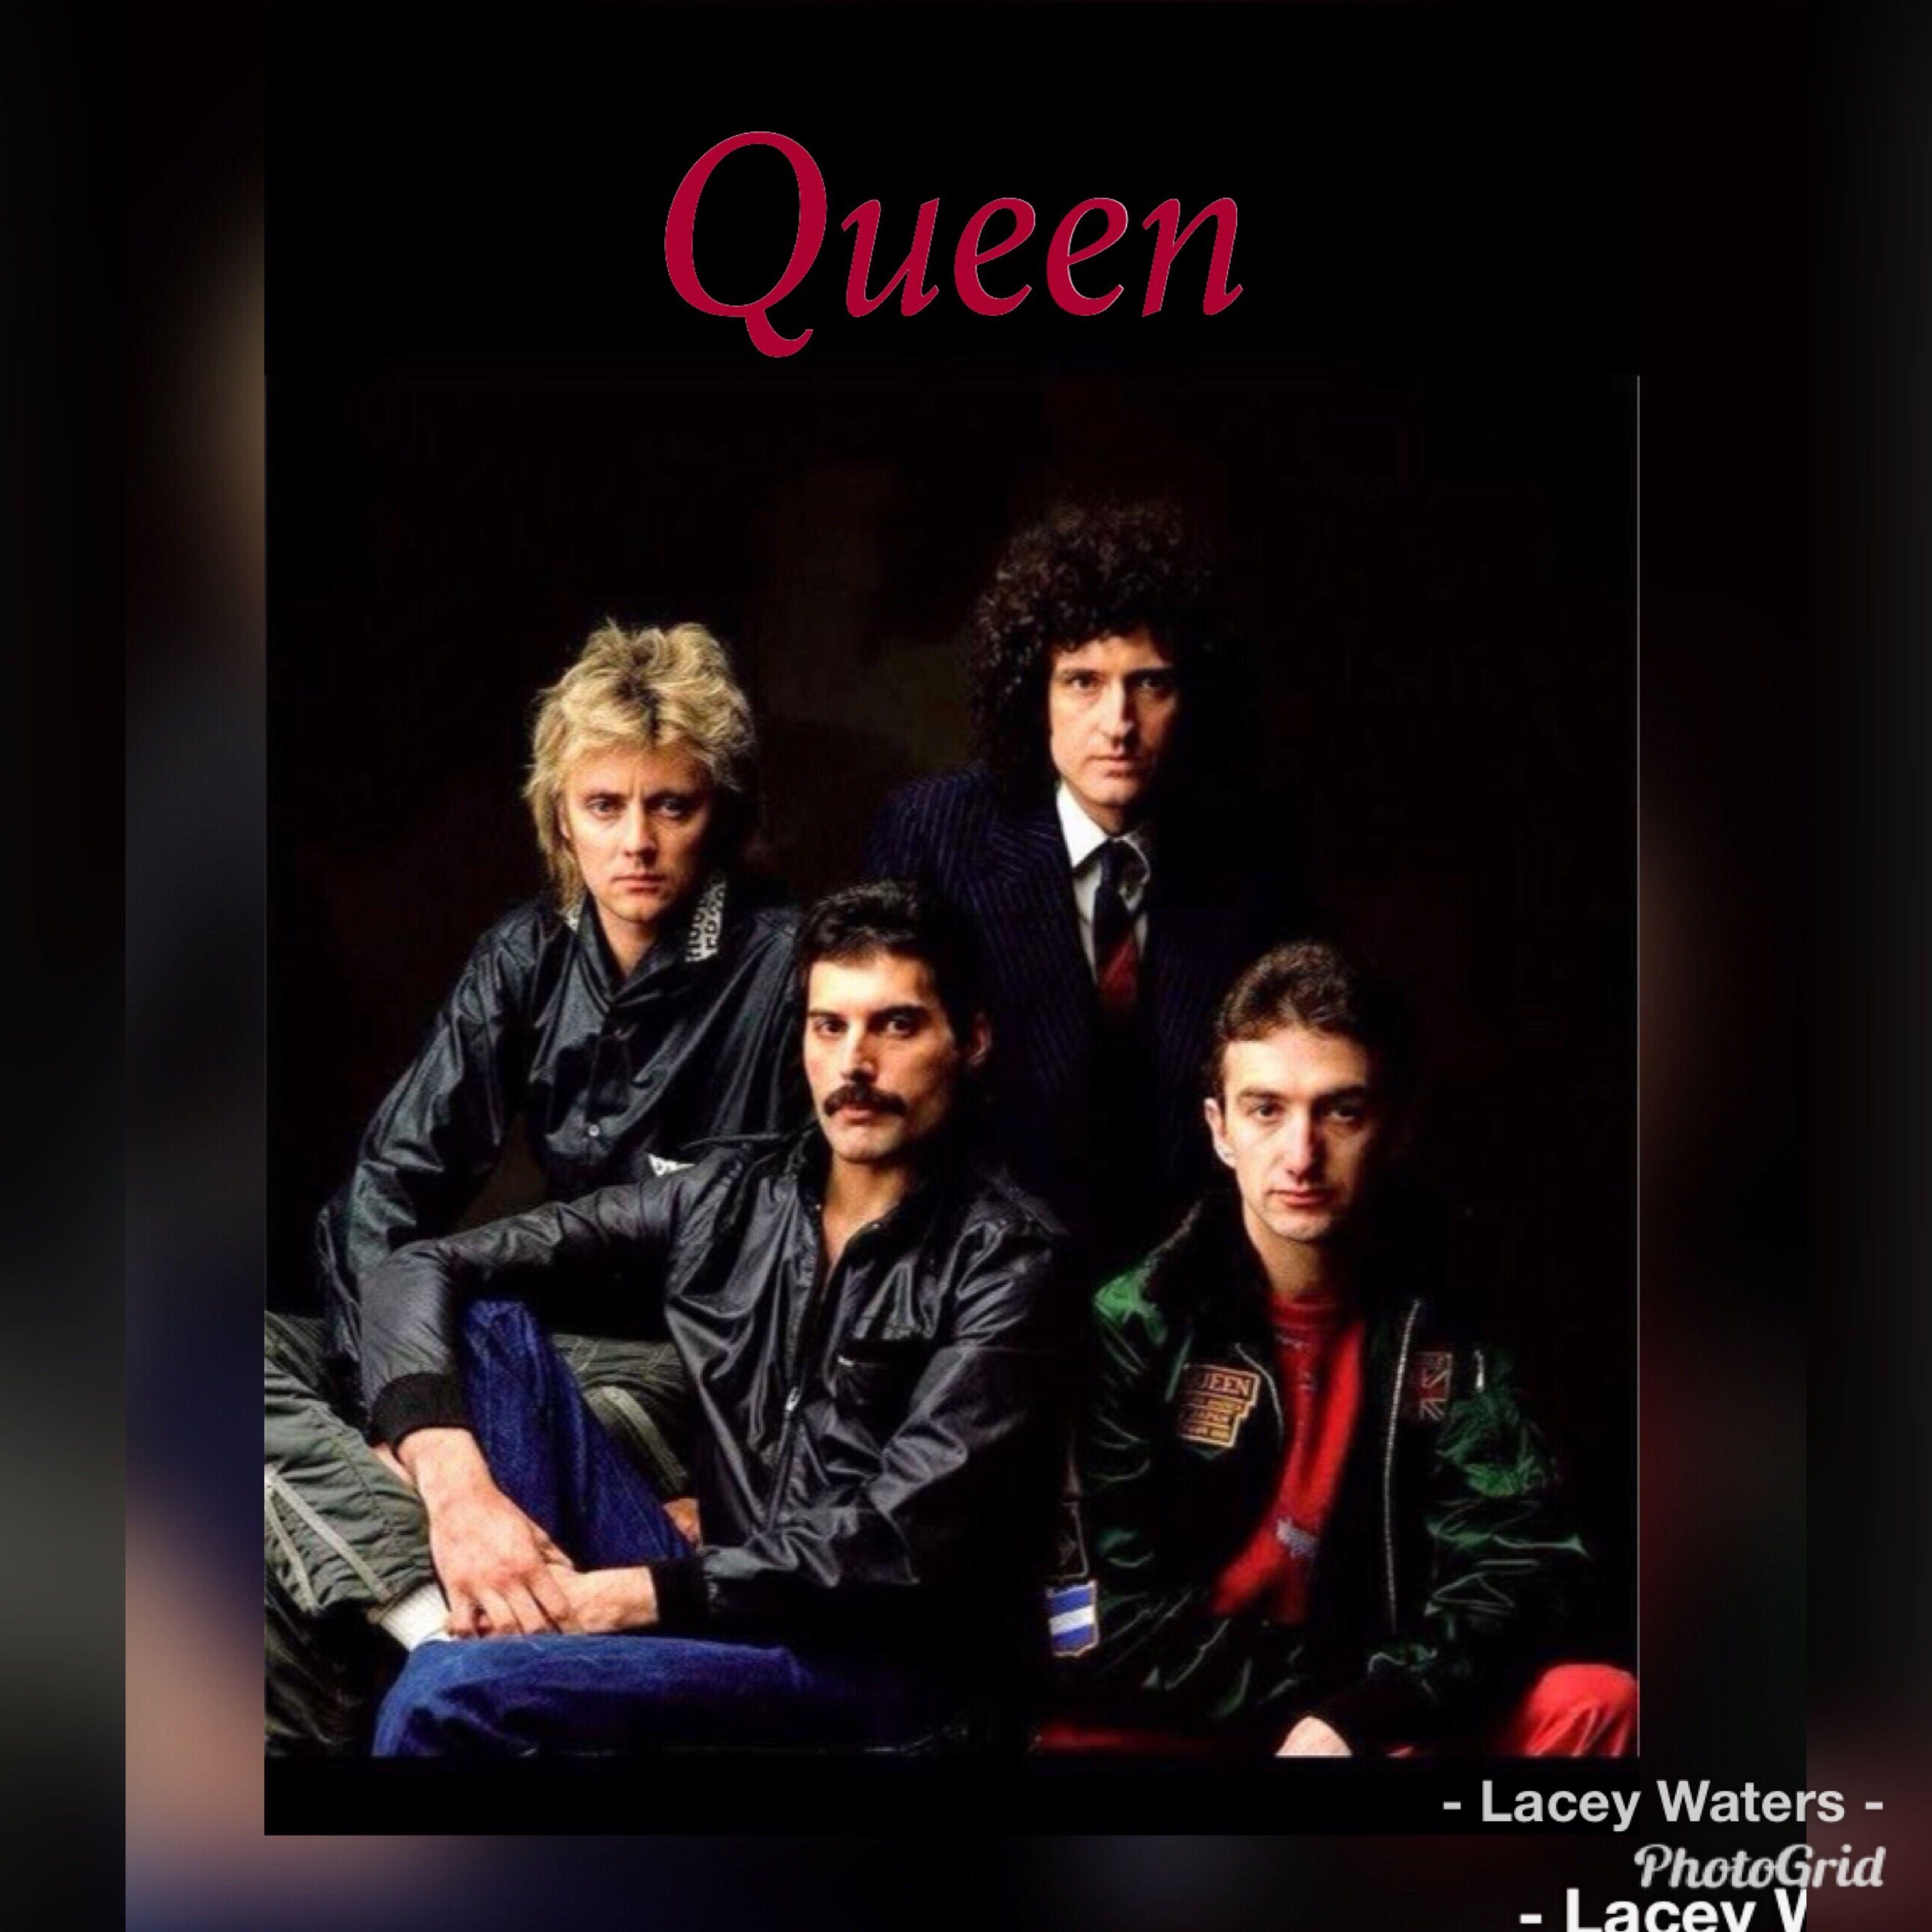 Pin by Rose de Witt on Queen Queen songs youtube